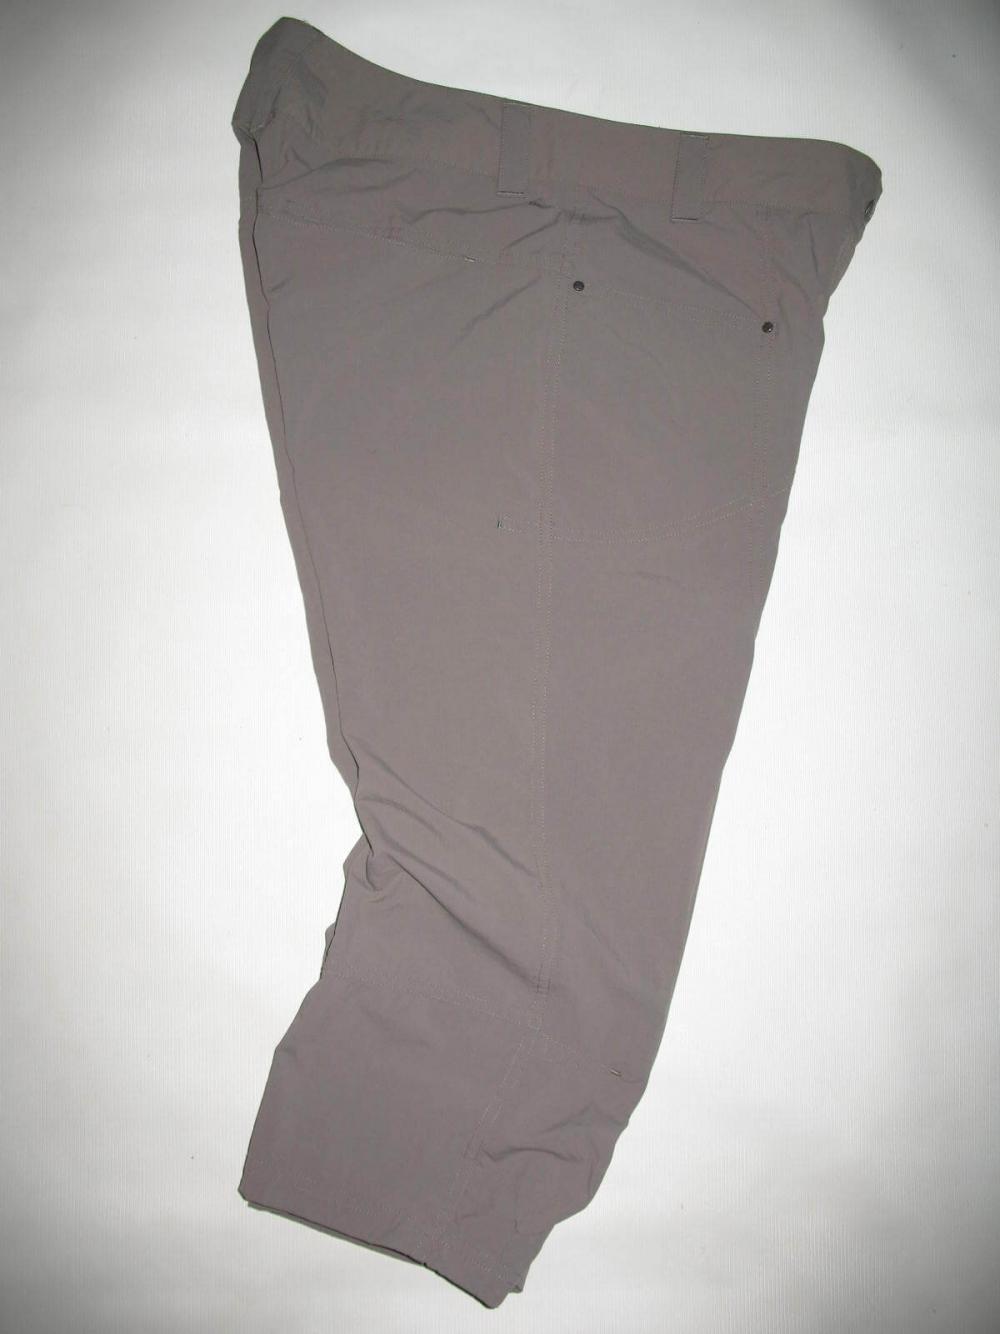 Бриджи SALEWA nola dry 3/4 pants lady (размер L) - 4